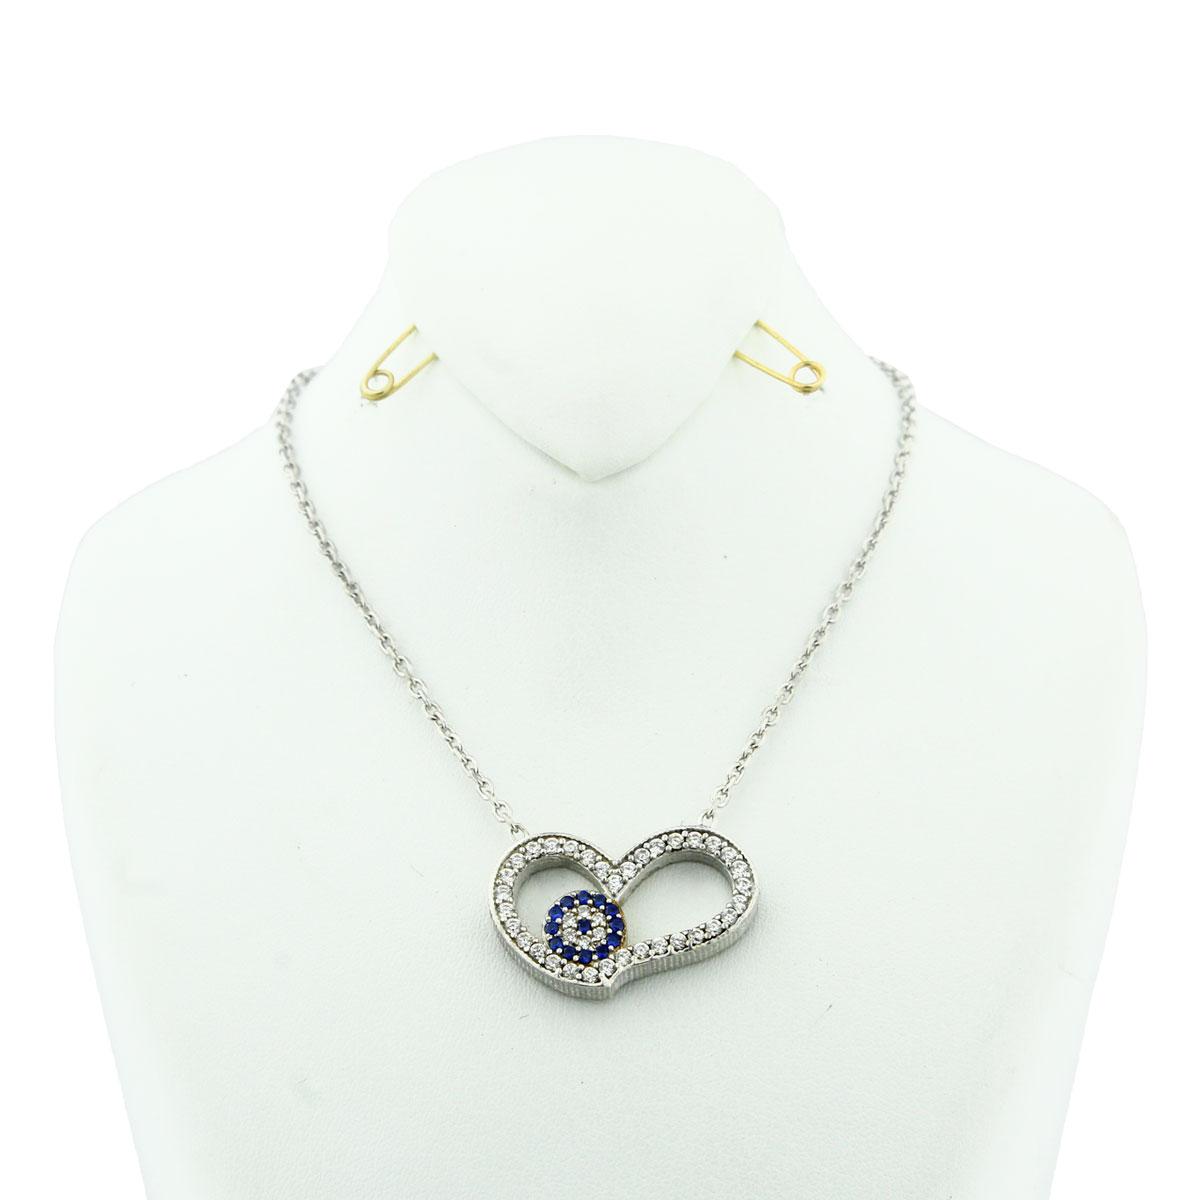 خرید گردنبند نقره زنانه مدل Flower & heart